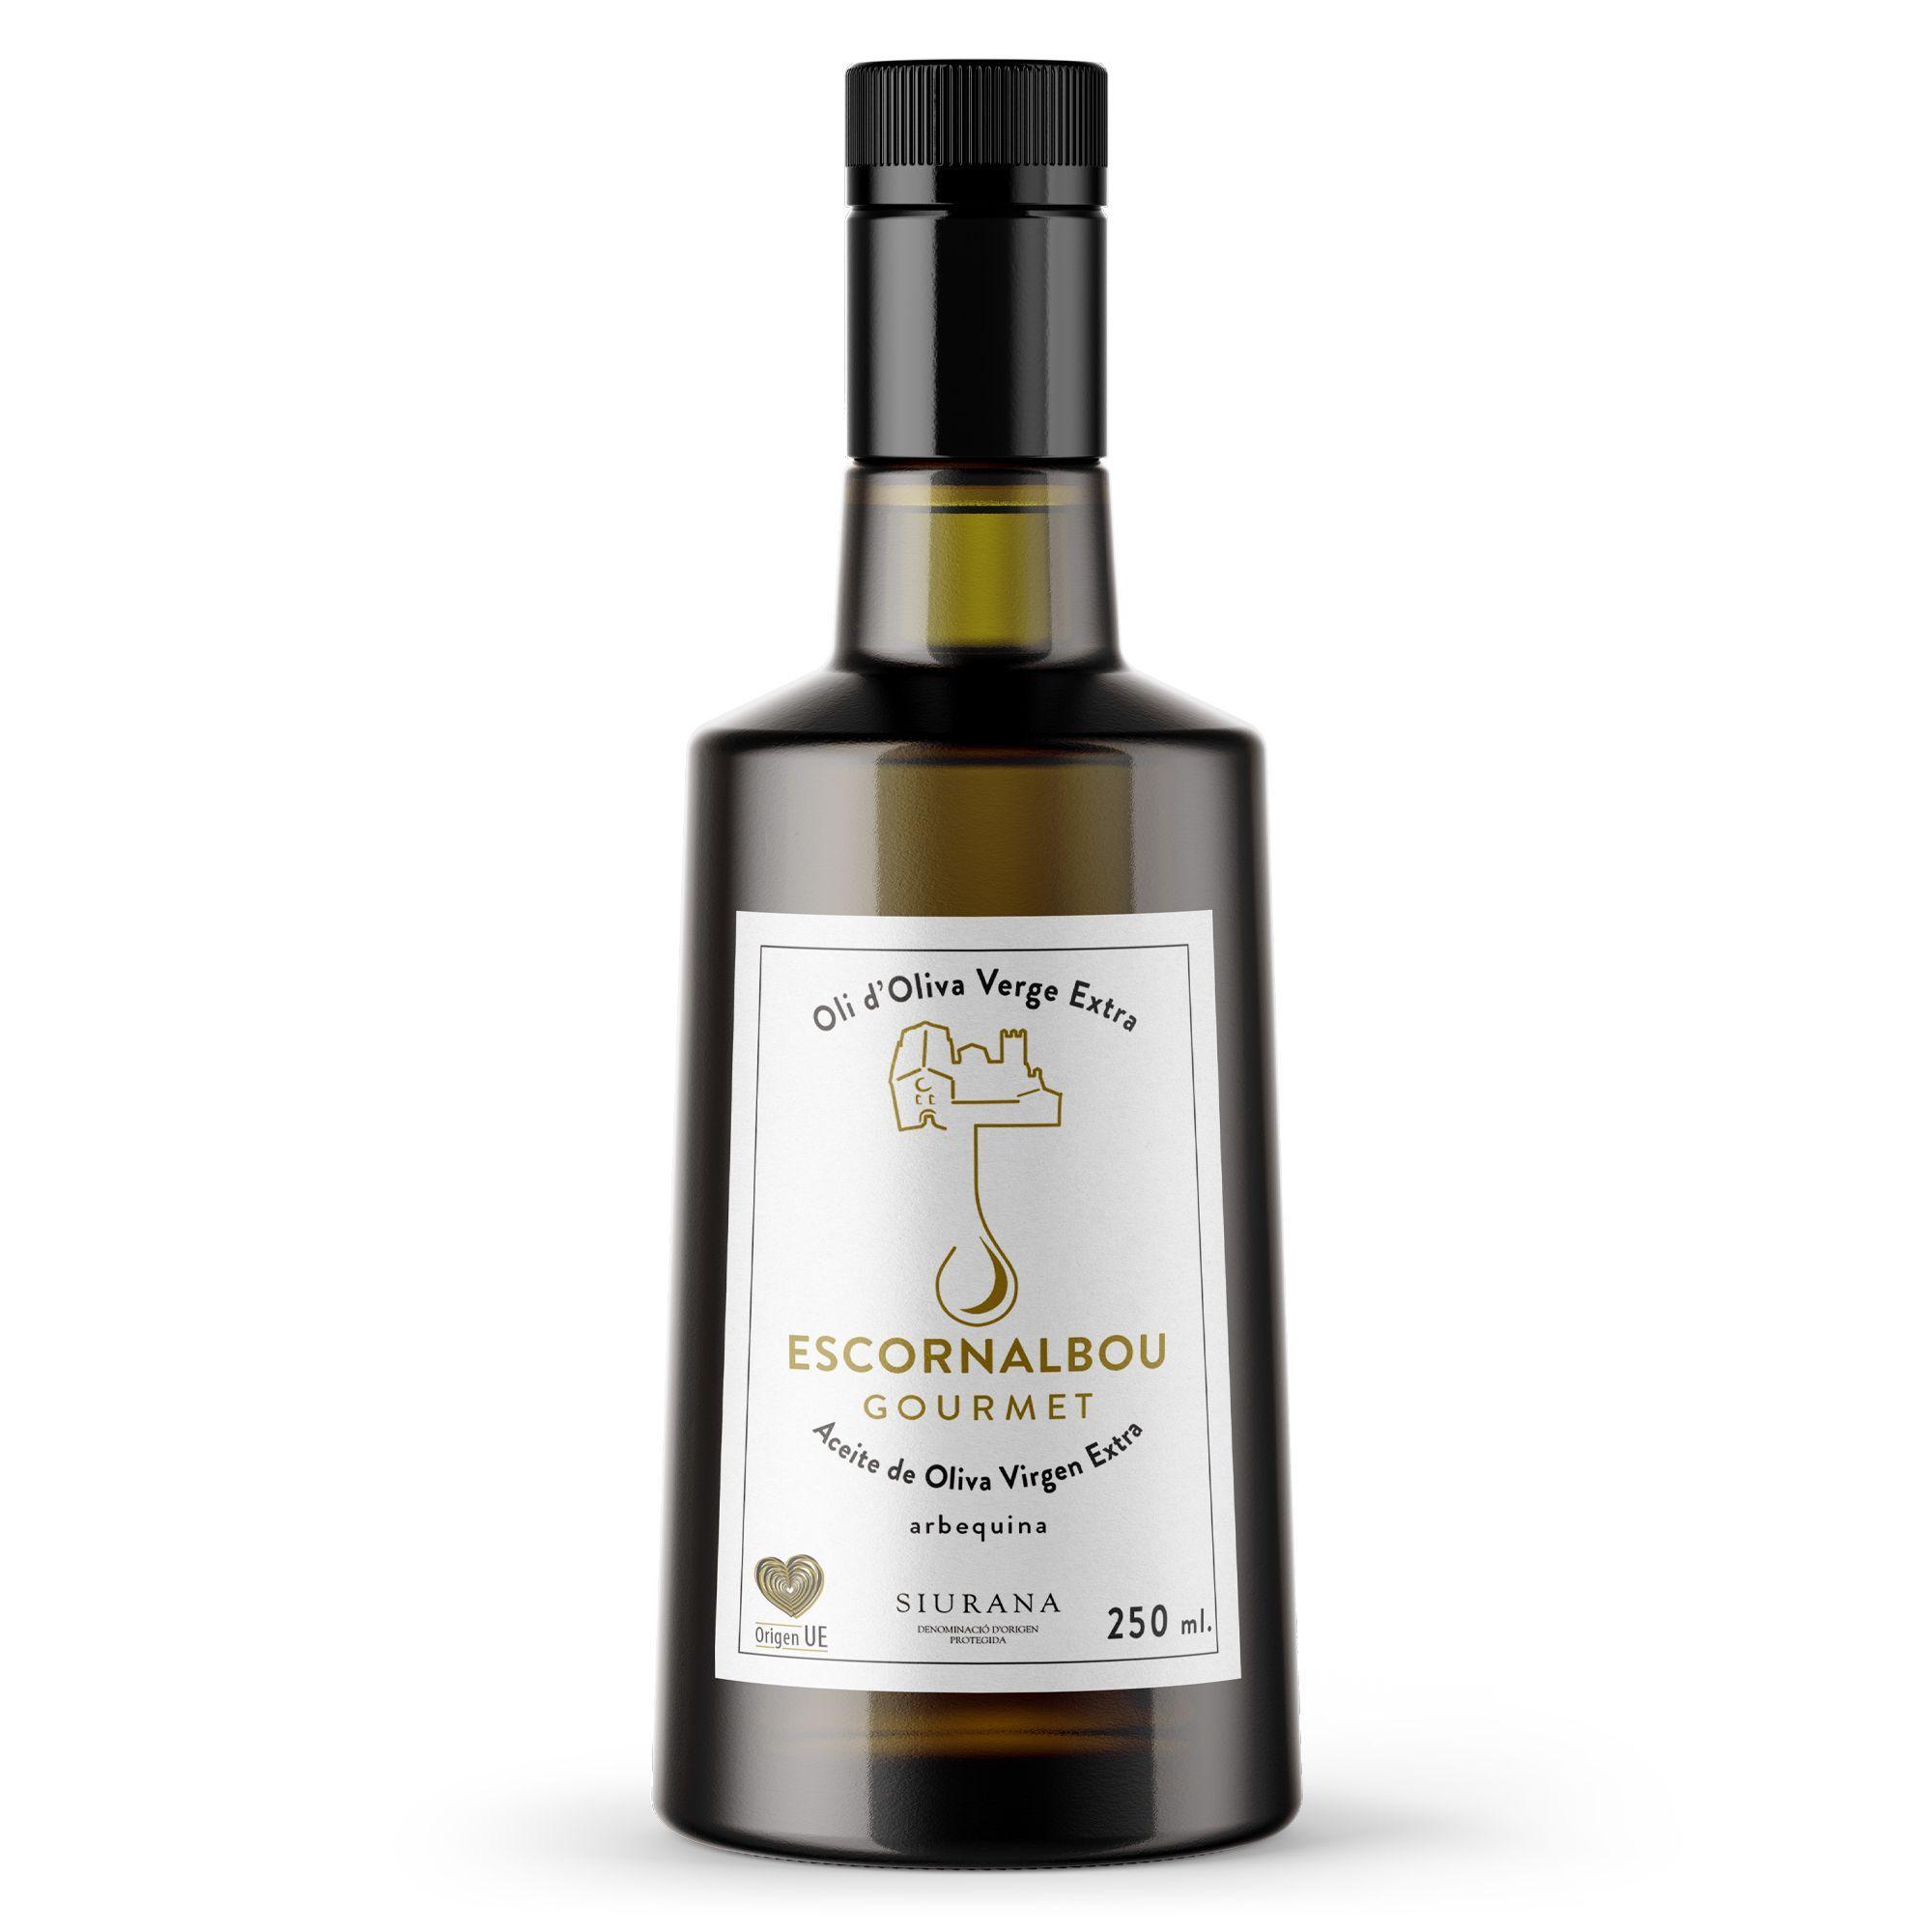 Comprar 250 ml Aceite De Oliva Virgen Extra 100% Arbequina – Botella De Cristal. AOVE con tapón irrellenable apto para restaurantes y hoteles. Sorprende a tus clientes con este AOVE Premium de auténtica calidad Gourmet. Producto con propiedades cardiosaludables.